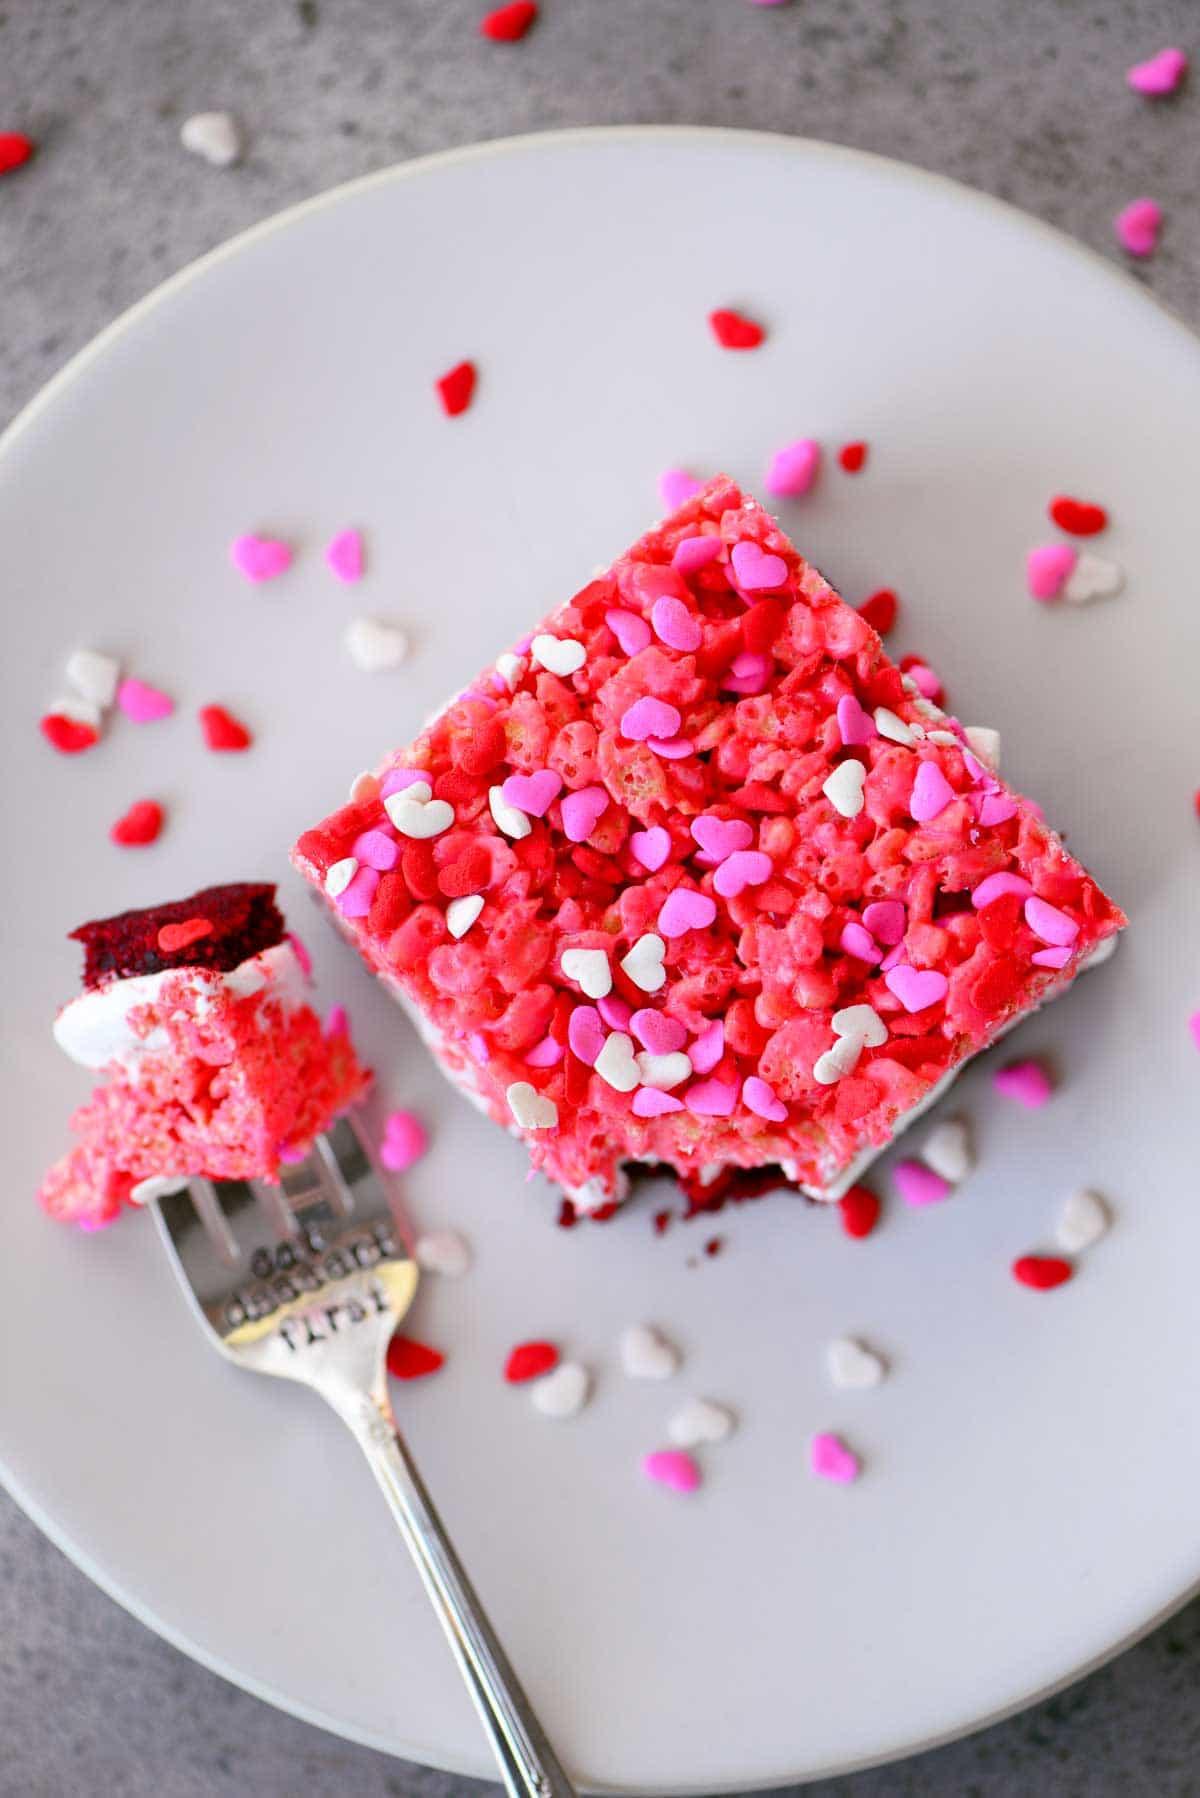 Red Velvet Ooey Gooey Bars Recipe for Valentine's Day